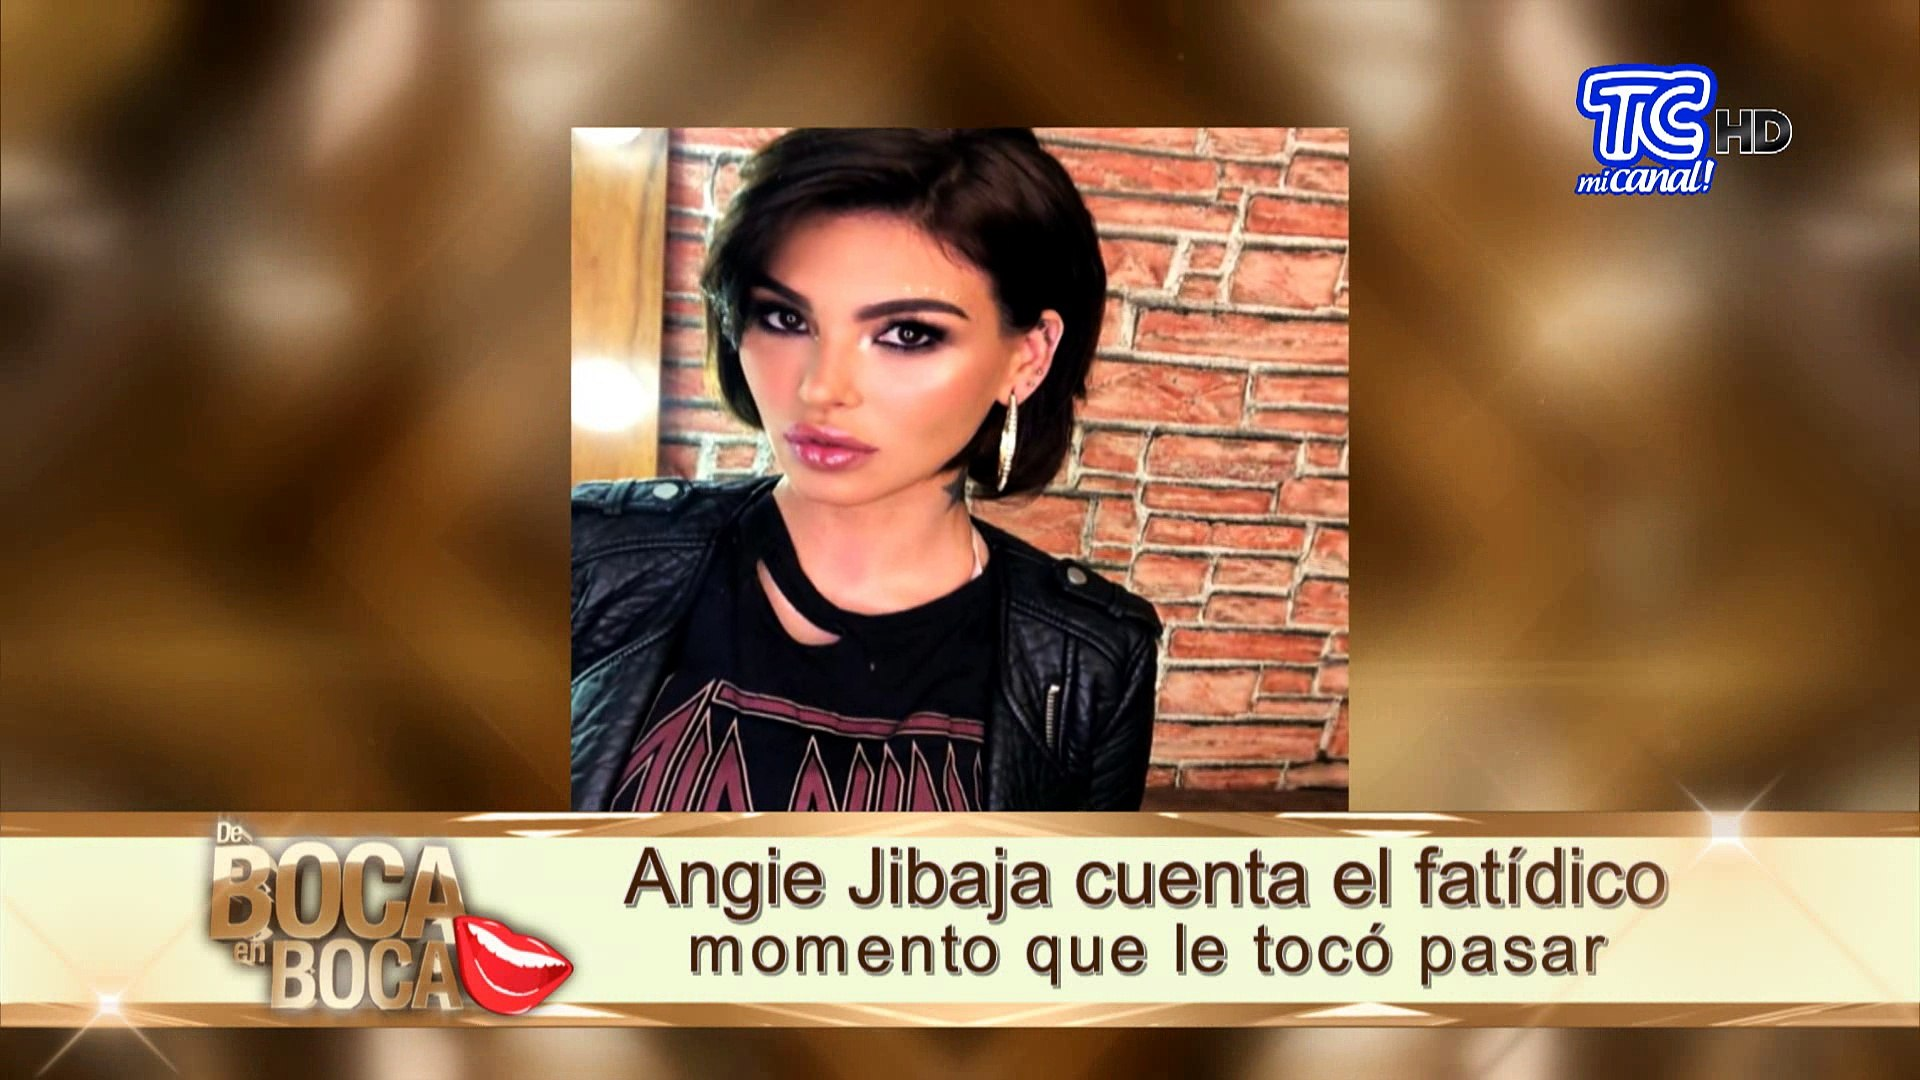 Angie Jibaja angie jibaja cuenta el fatídico momento que le tocó pasar